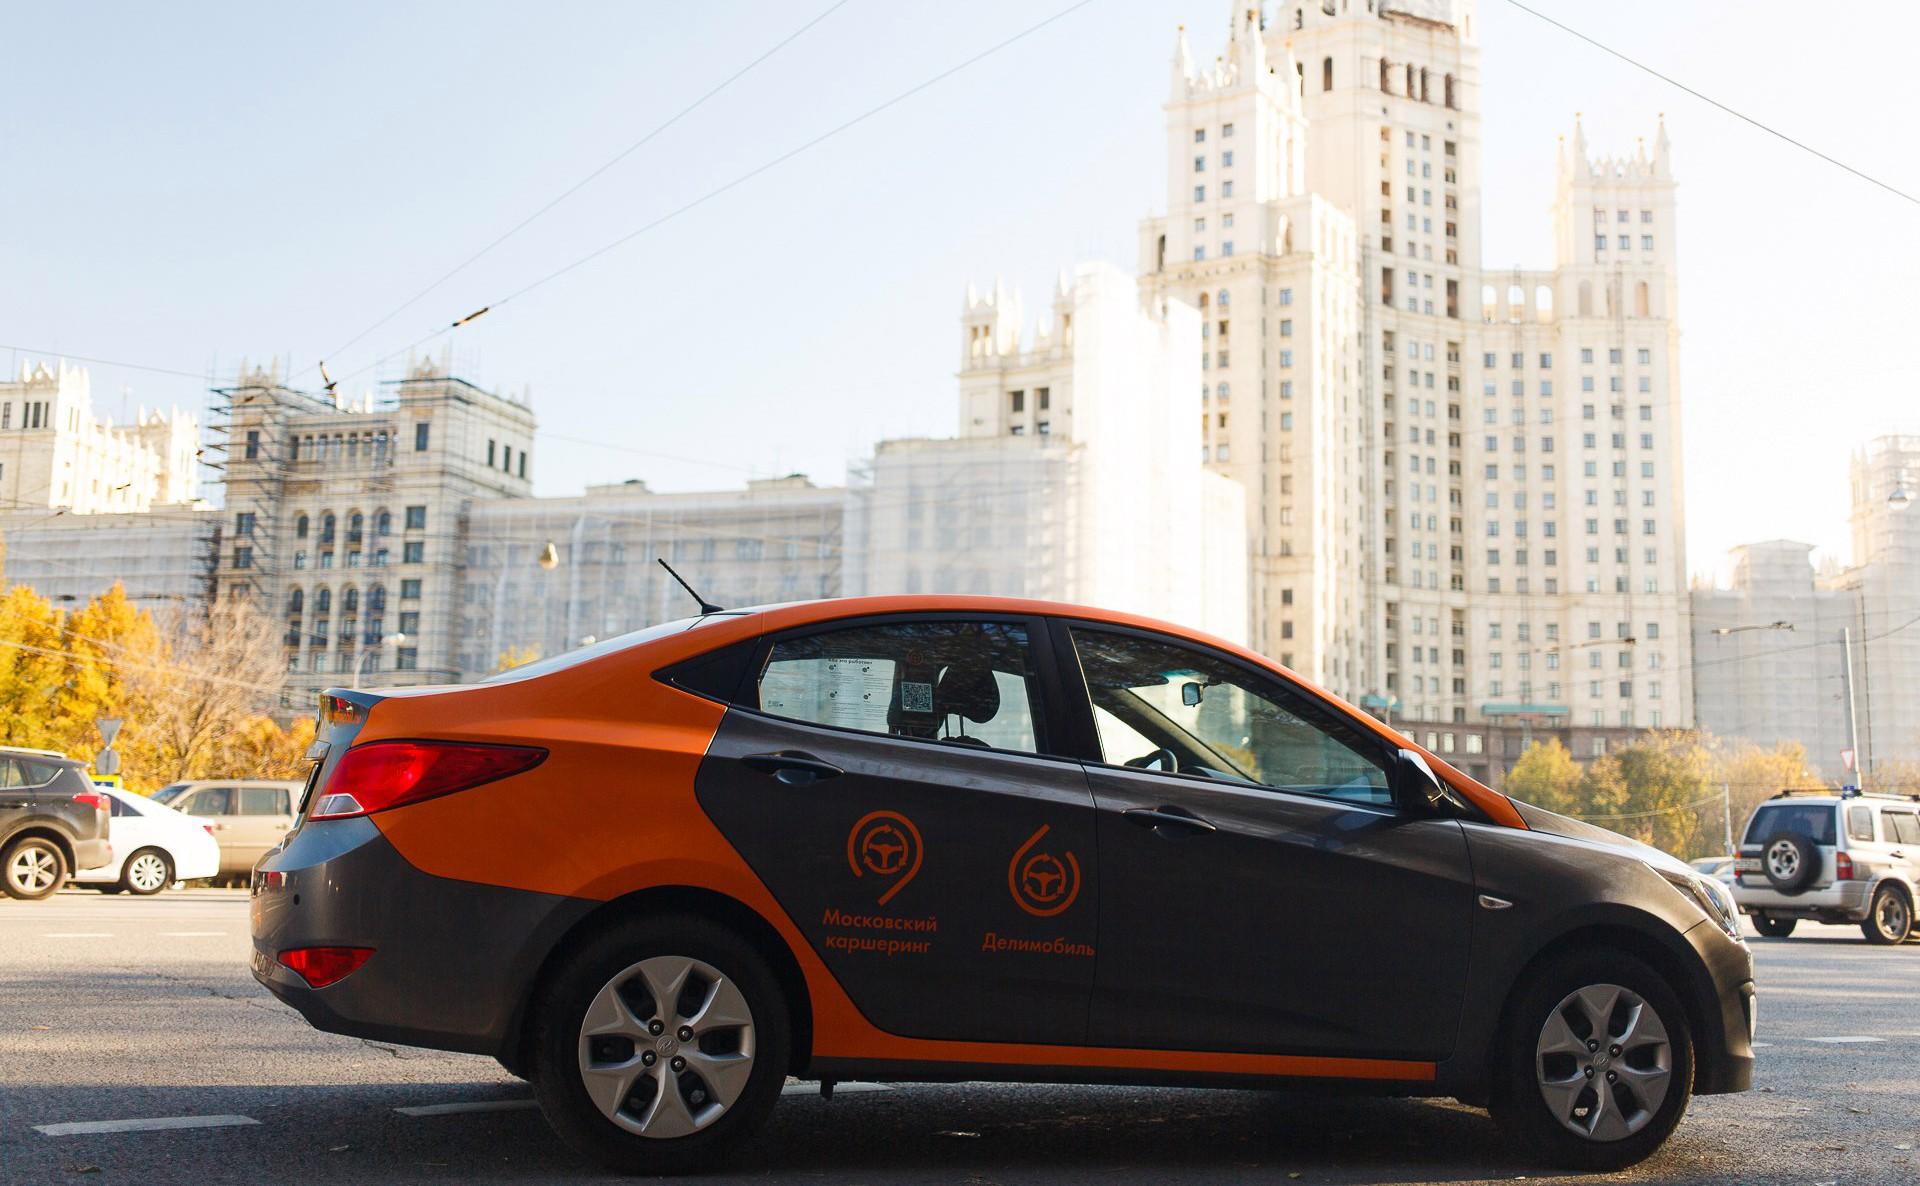 Москва откроет заявочную кампанию насубсидии для операторов каршеринга